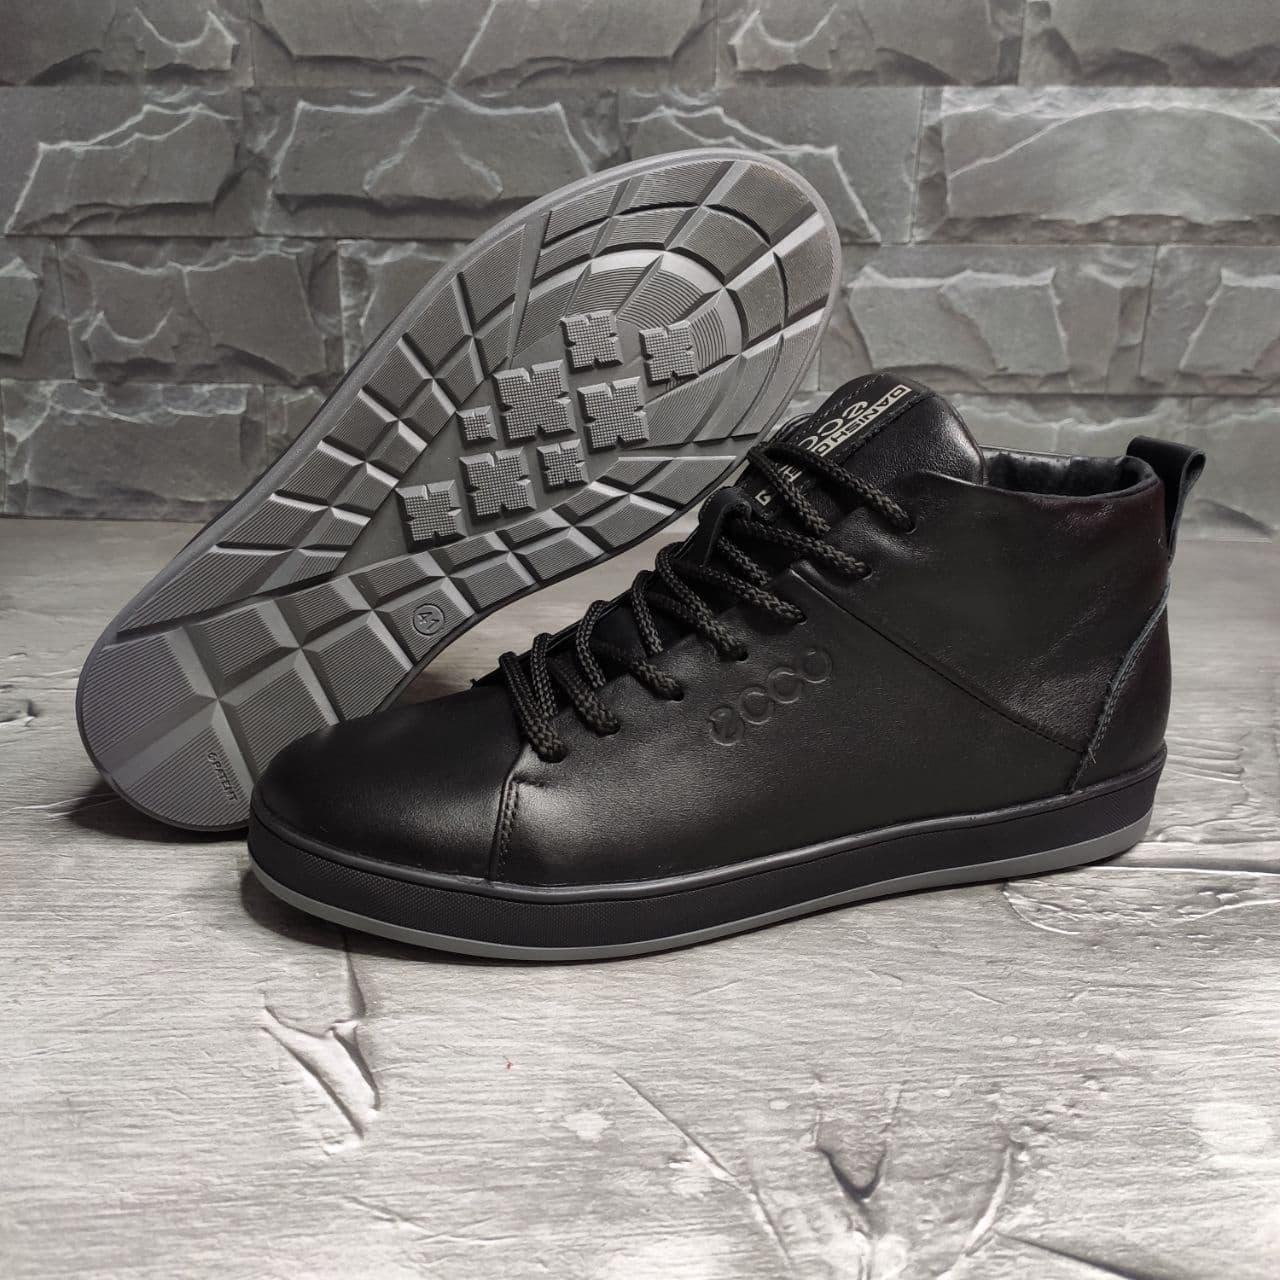 Мужские зимние ботинки Ecco OS166 черные